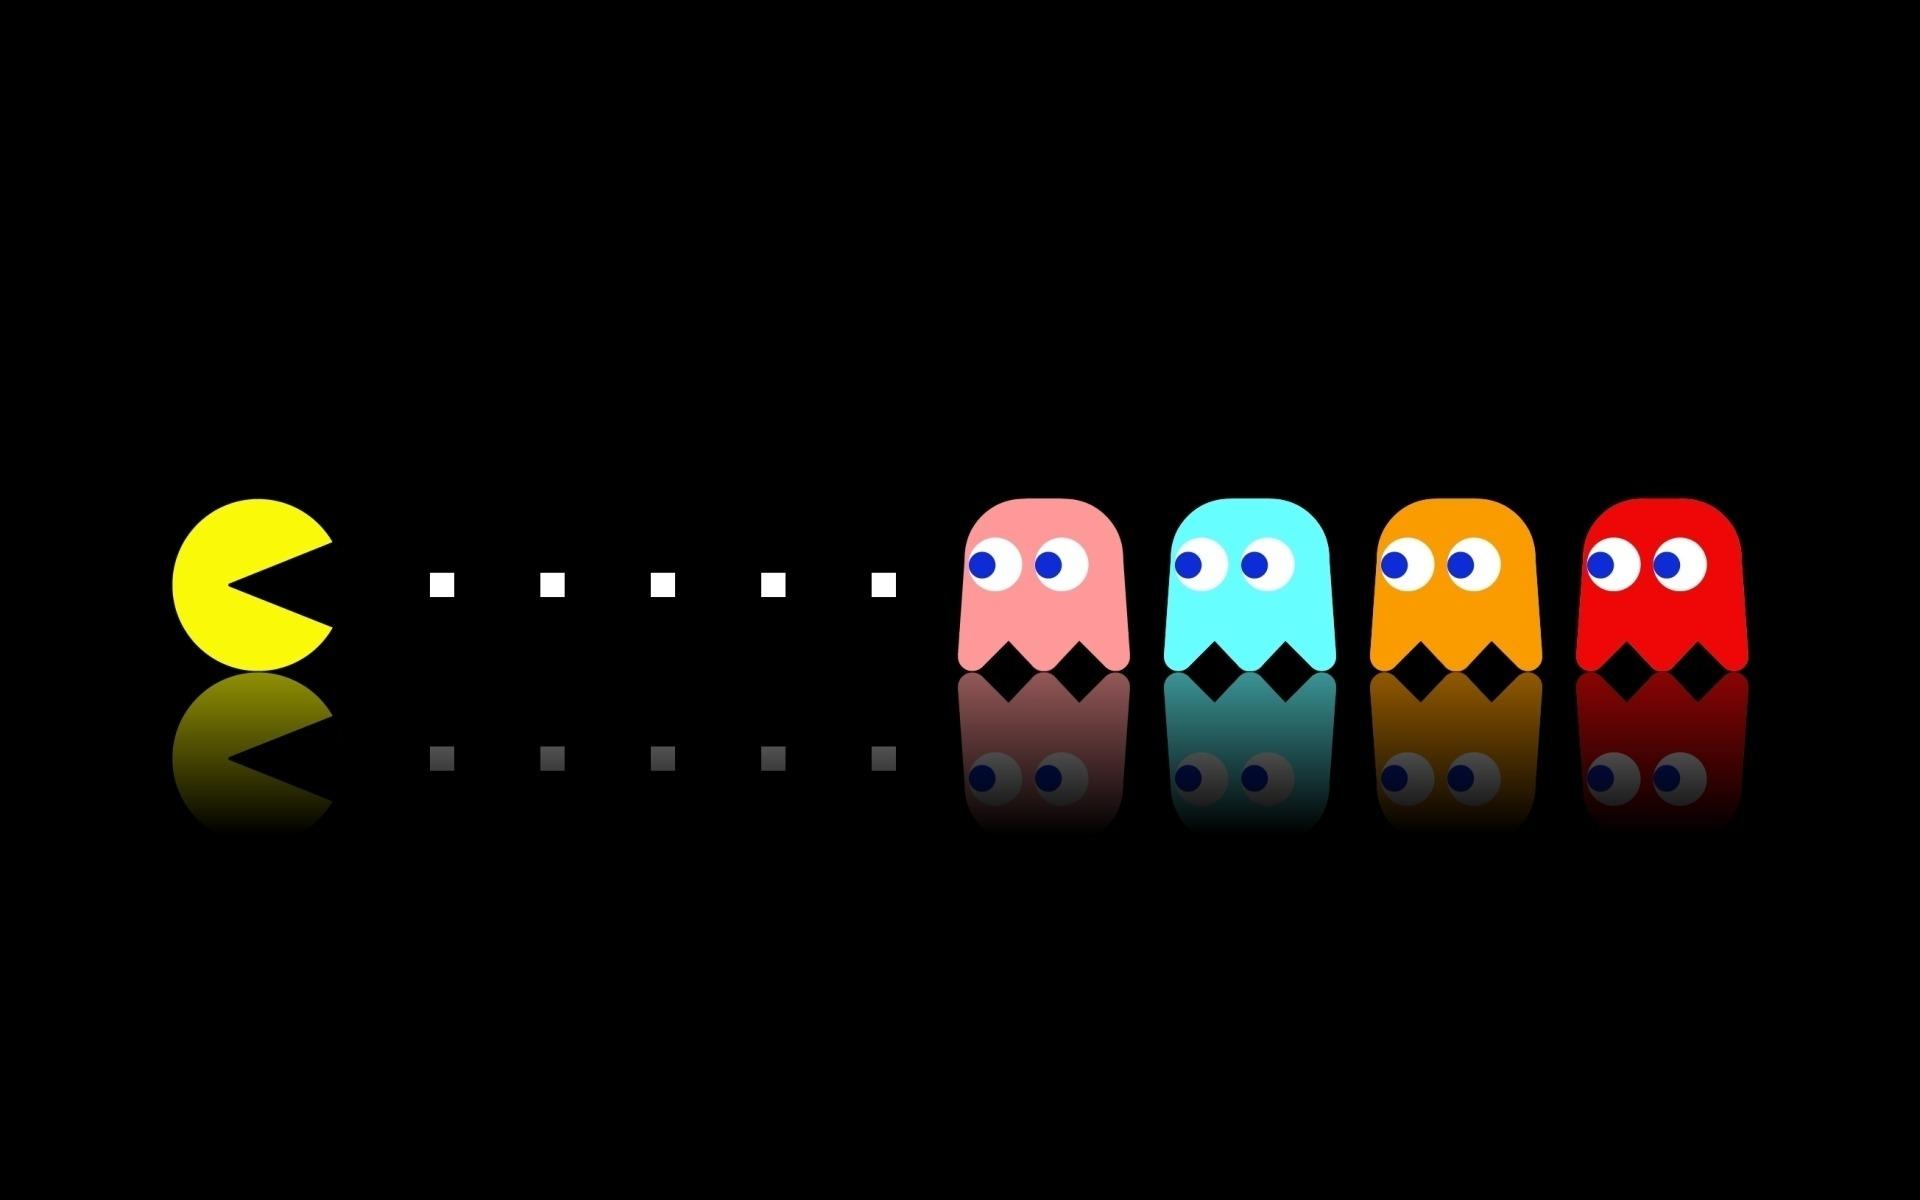 картинки игр для рабочего стола